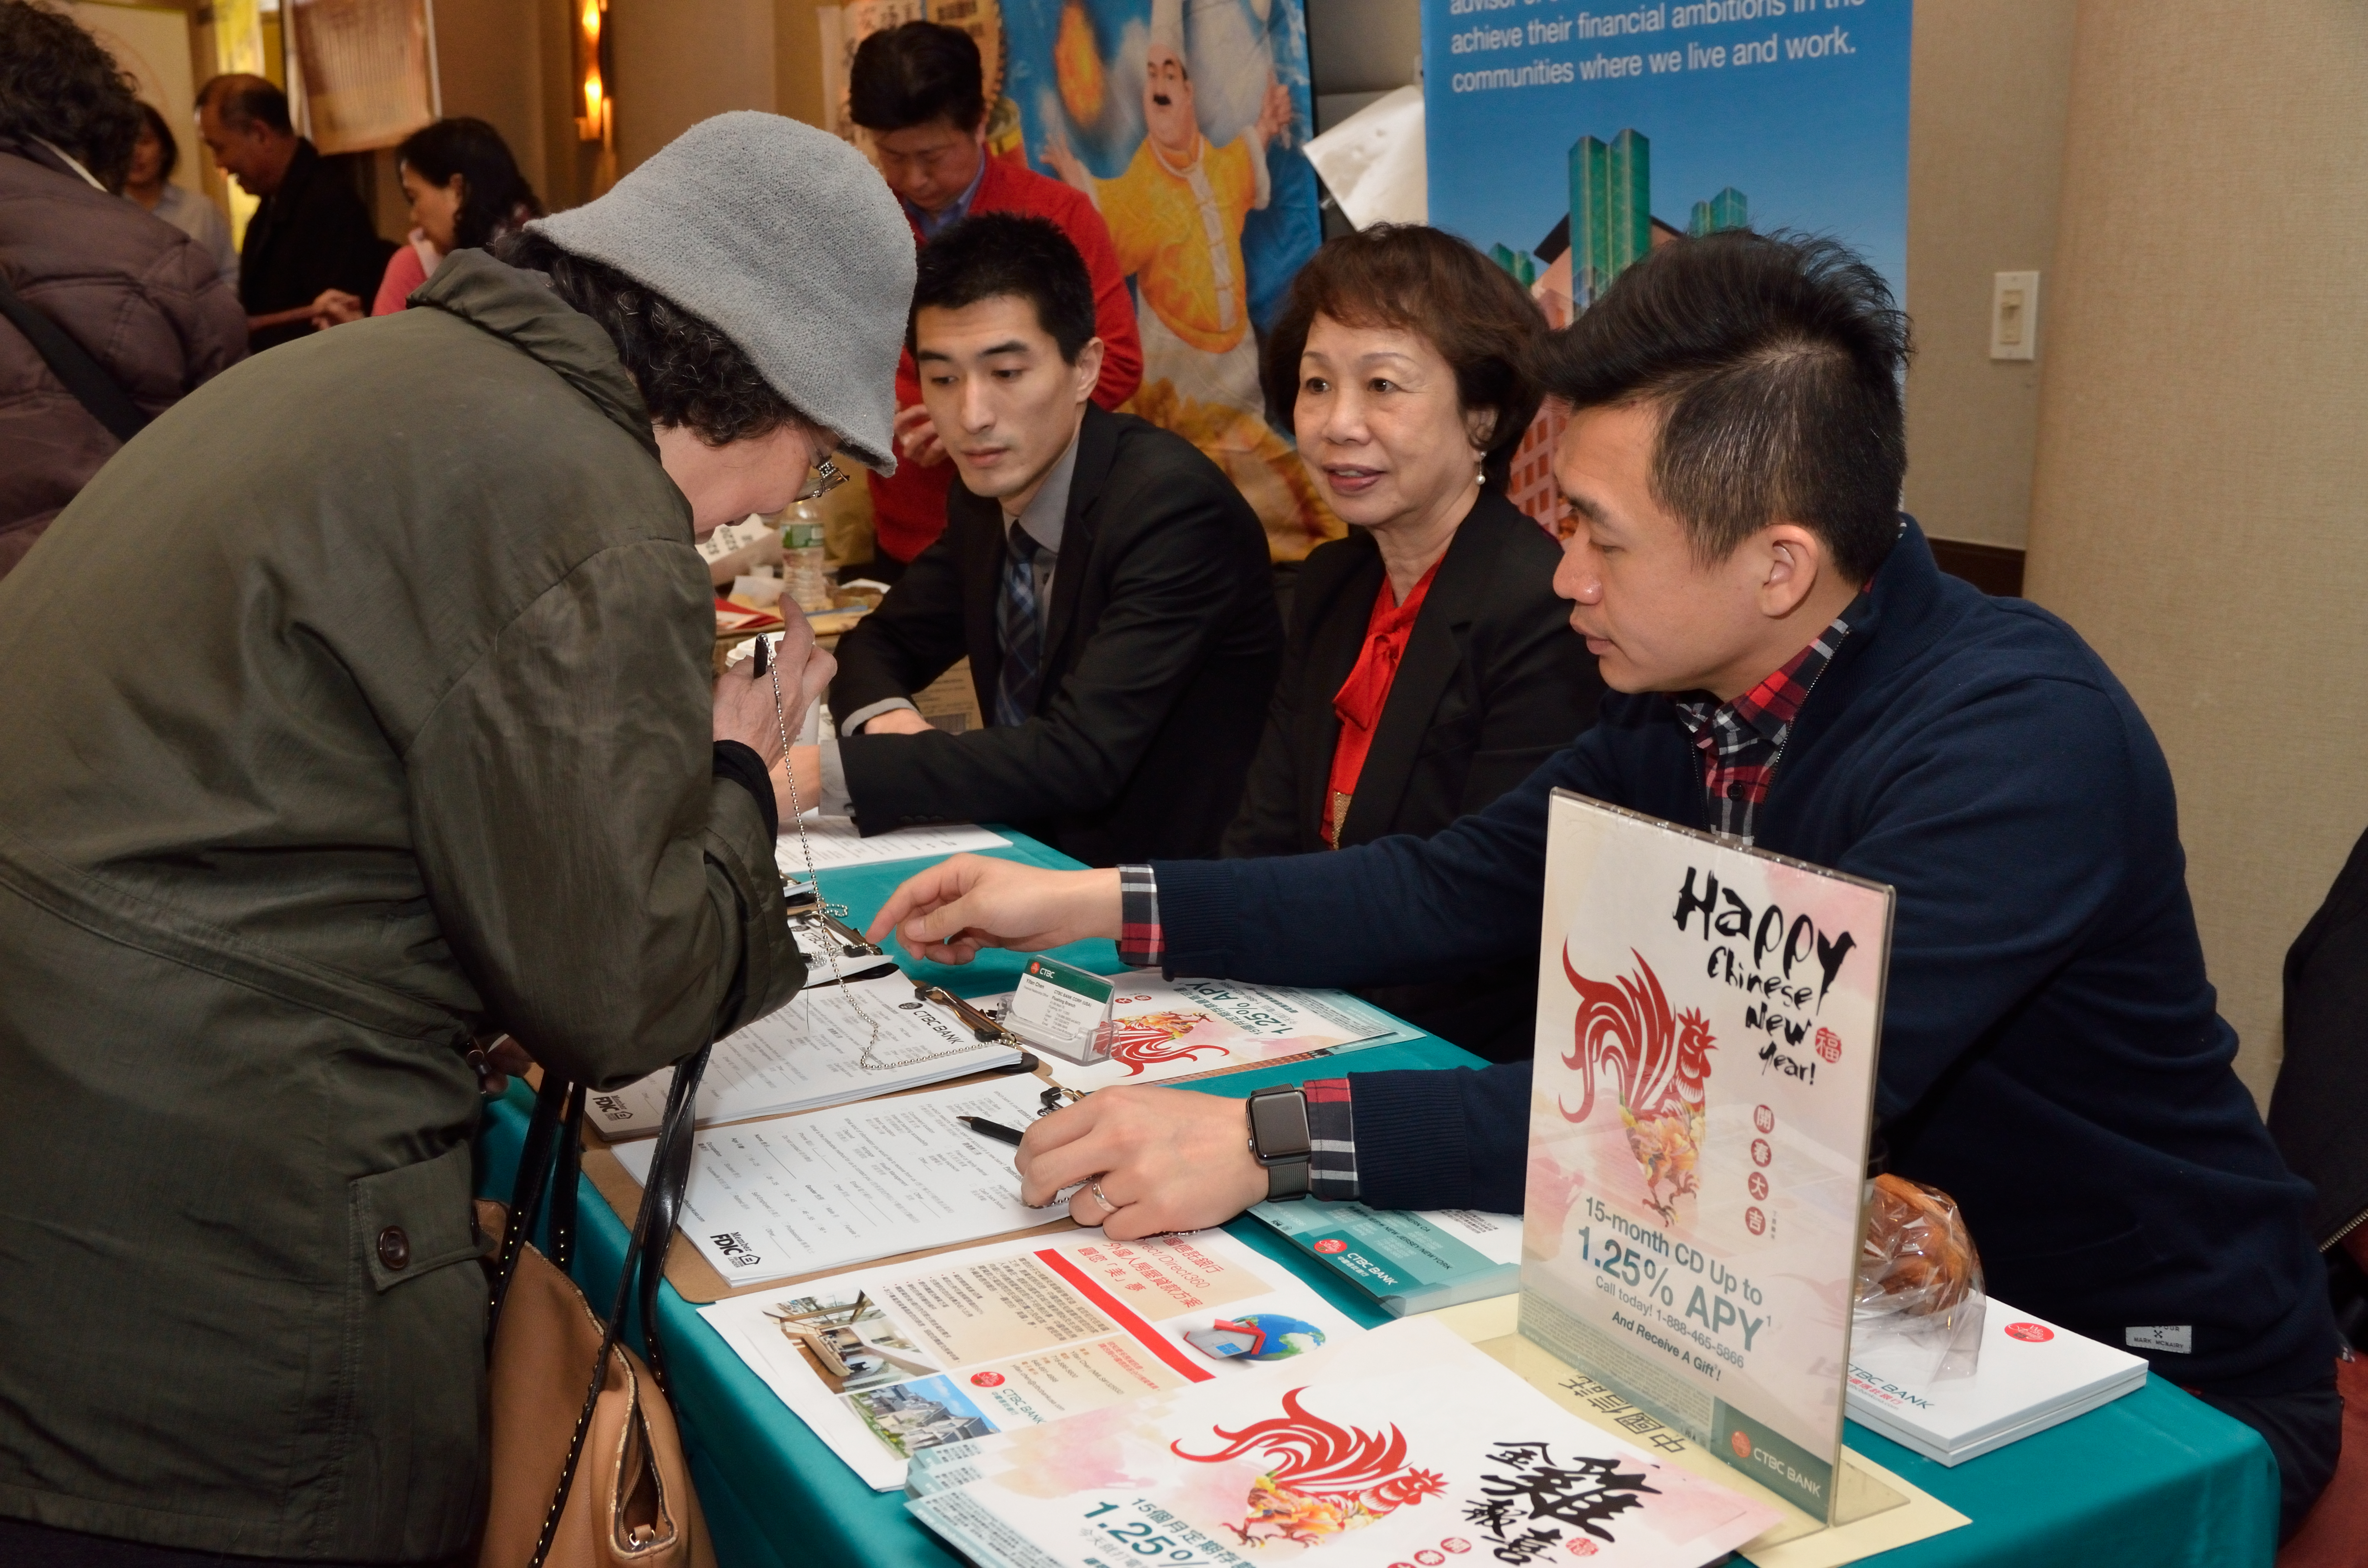 2017年世界日報年節展贊助商中國信託服務攤位